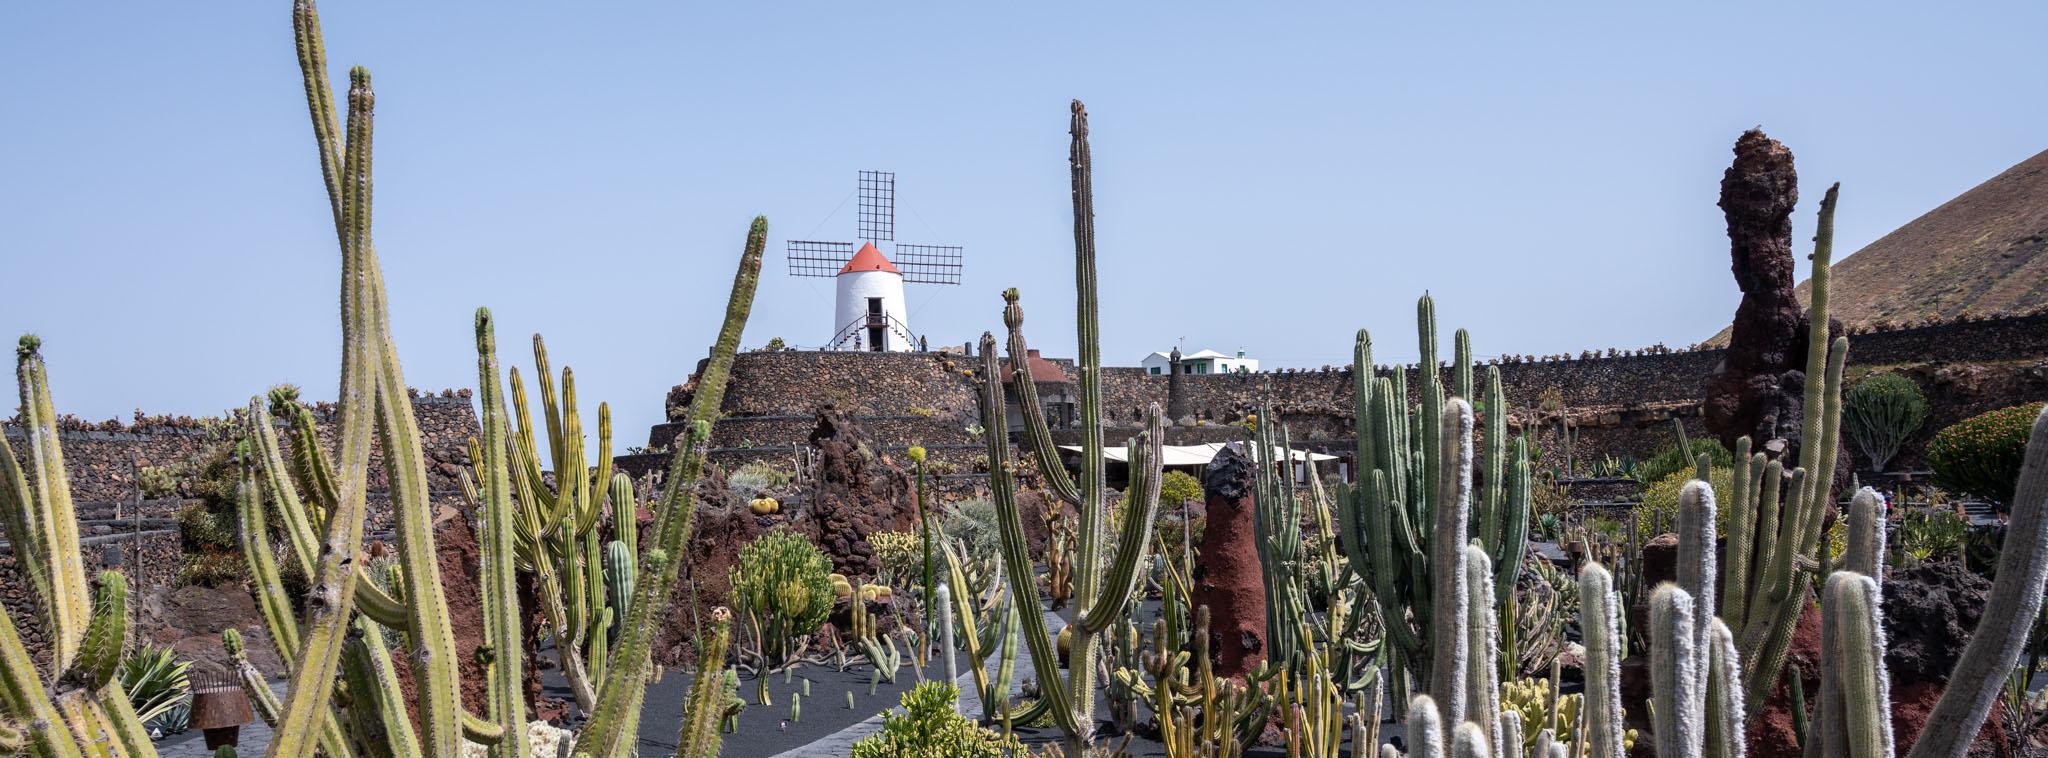 Kaktusgarten von César Manrique